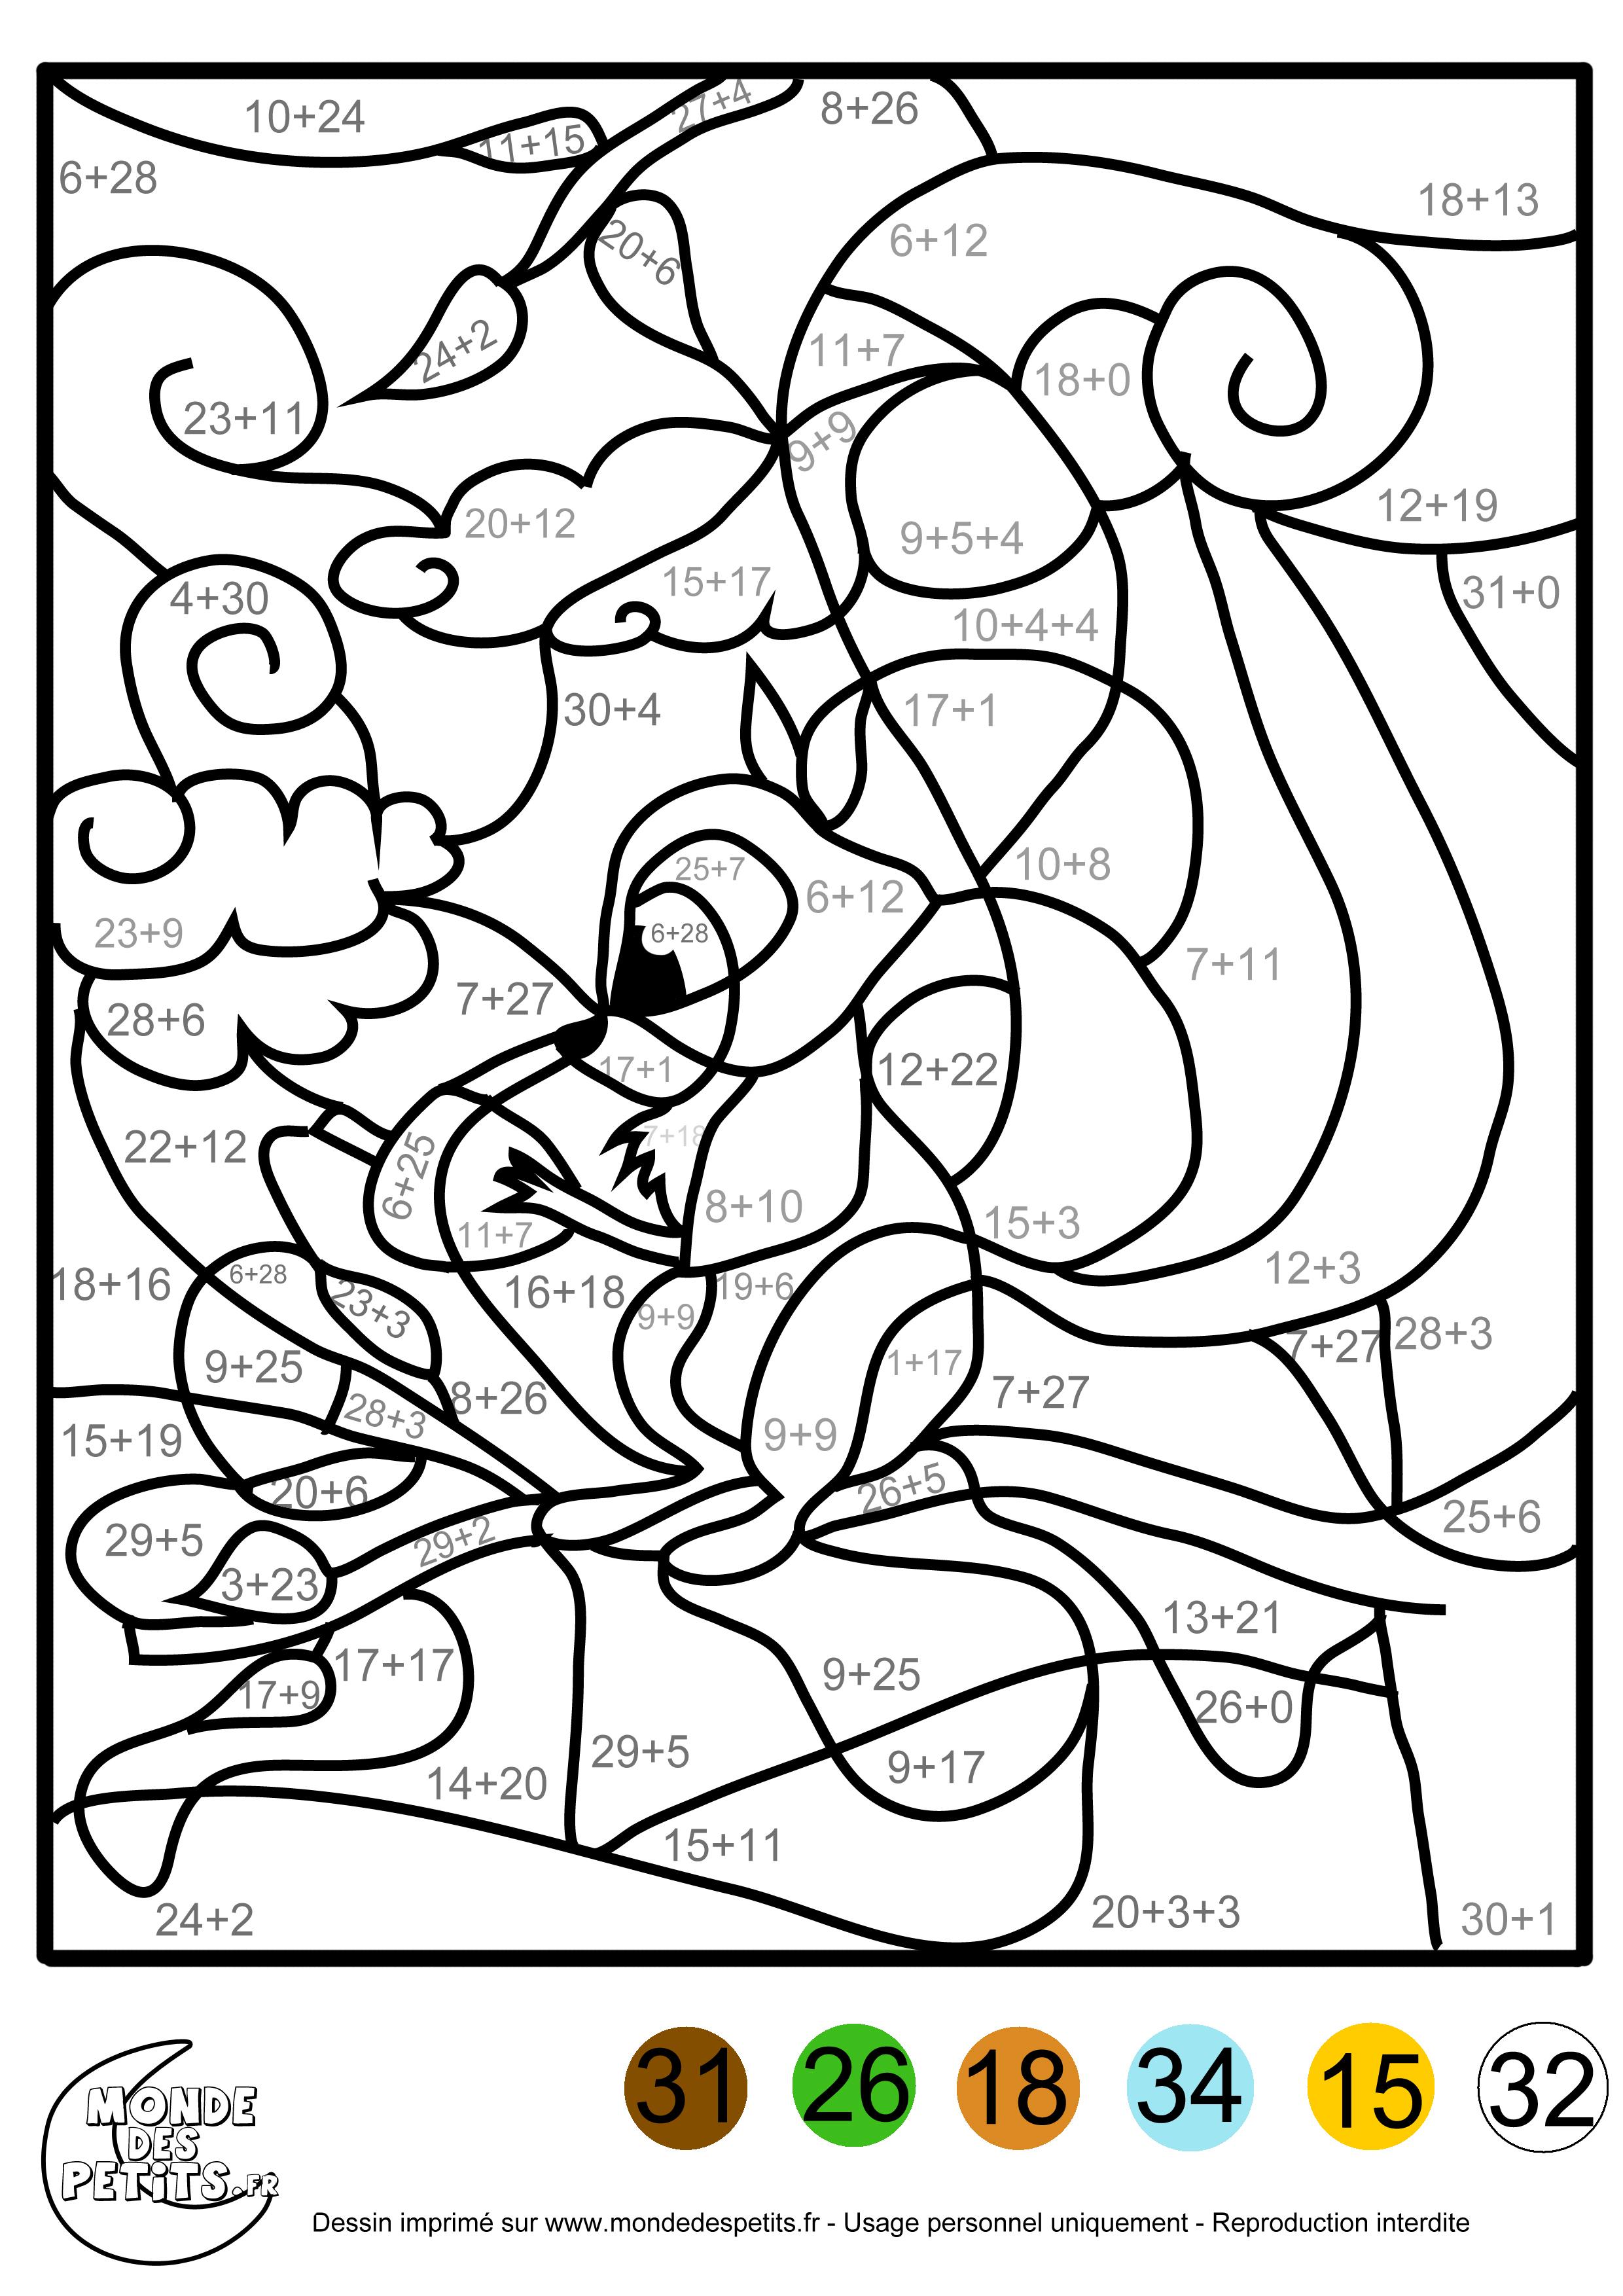 Top 53 dessins de coloriage addition à imprimer sur LaGuerche.com - Page 1 SZ07